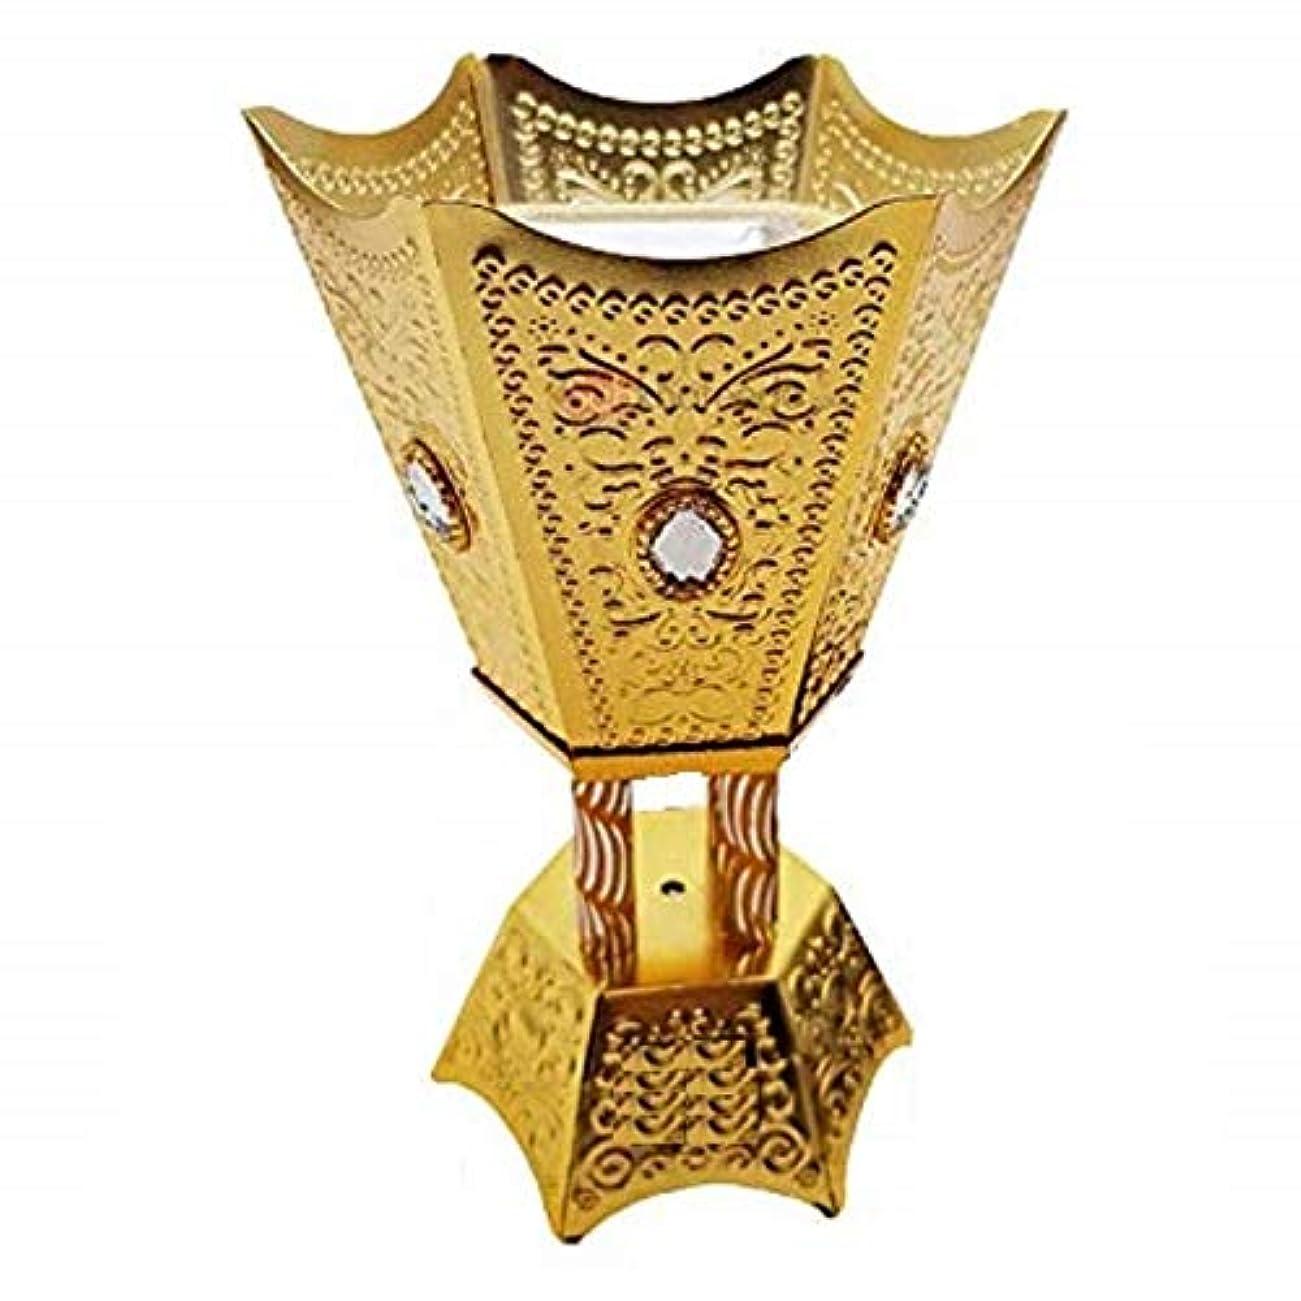 創始者必要とする平方OMG-Deal Incense Burner Charcoal Bakhoor Frankincense Resin – Luxury Hand Painted Burner - WF -001 Golden